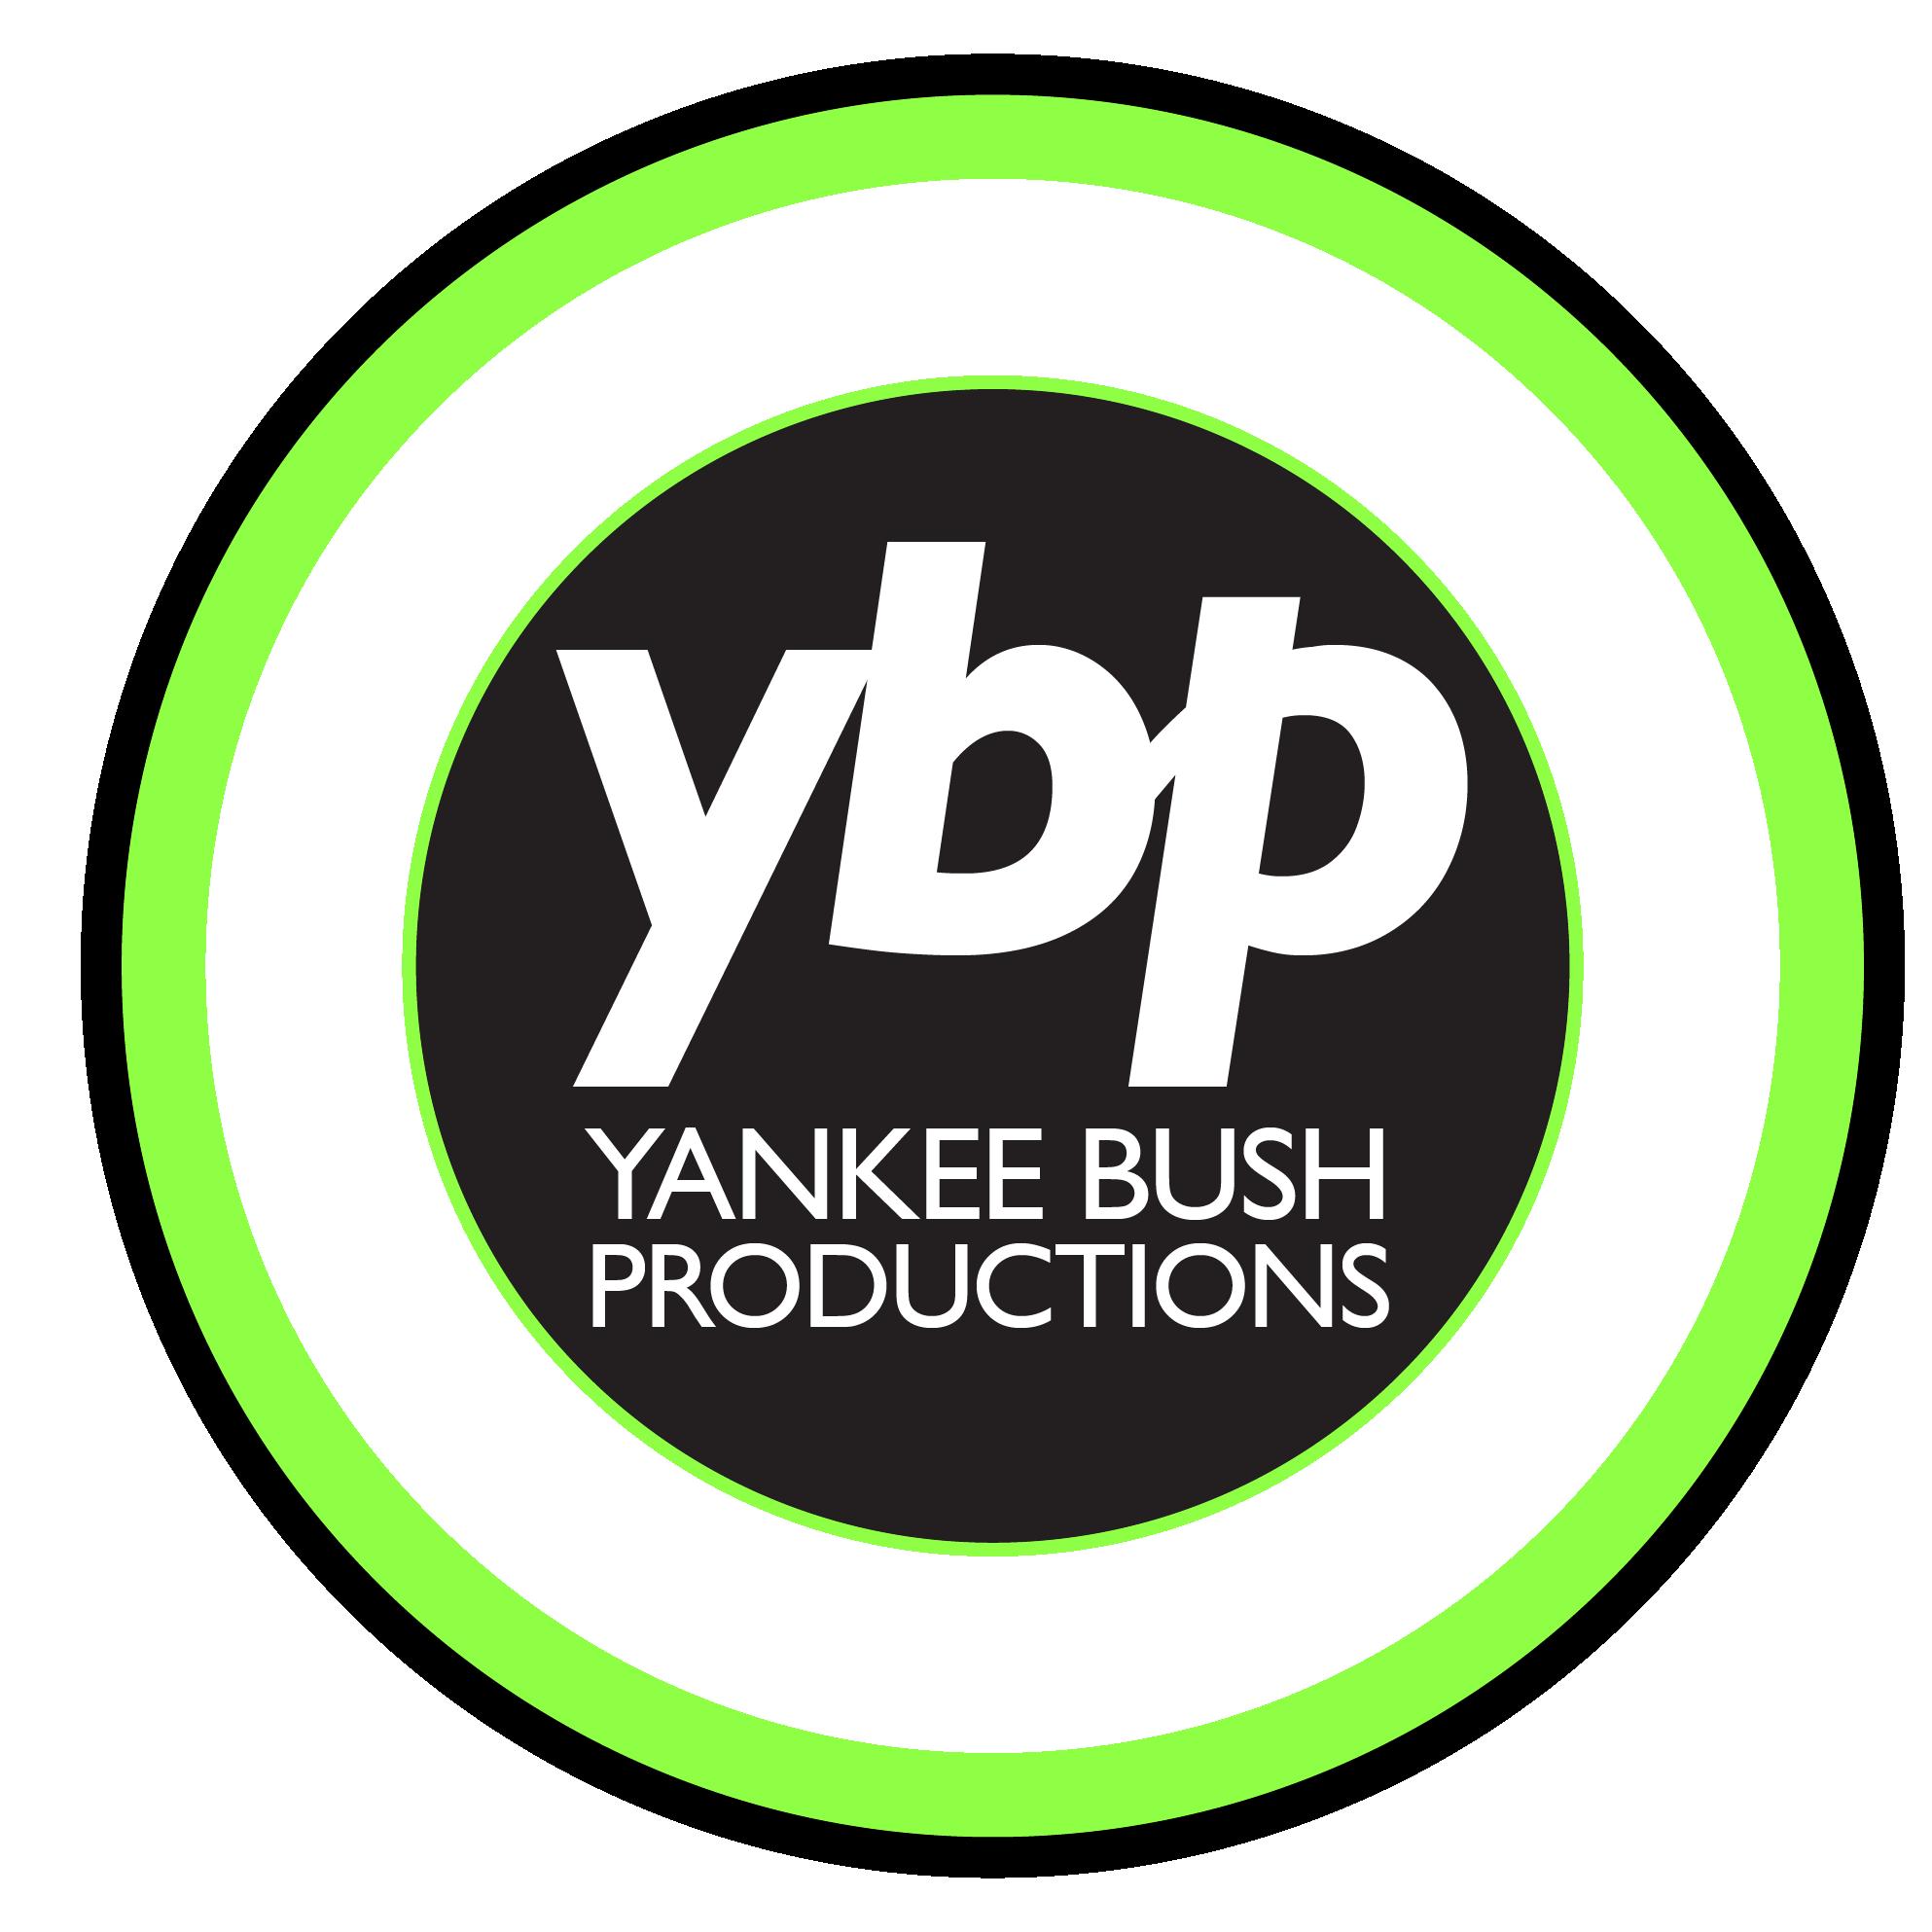 ybp-circle-neon – Yankee Bush Productions